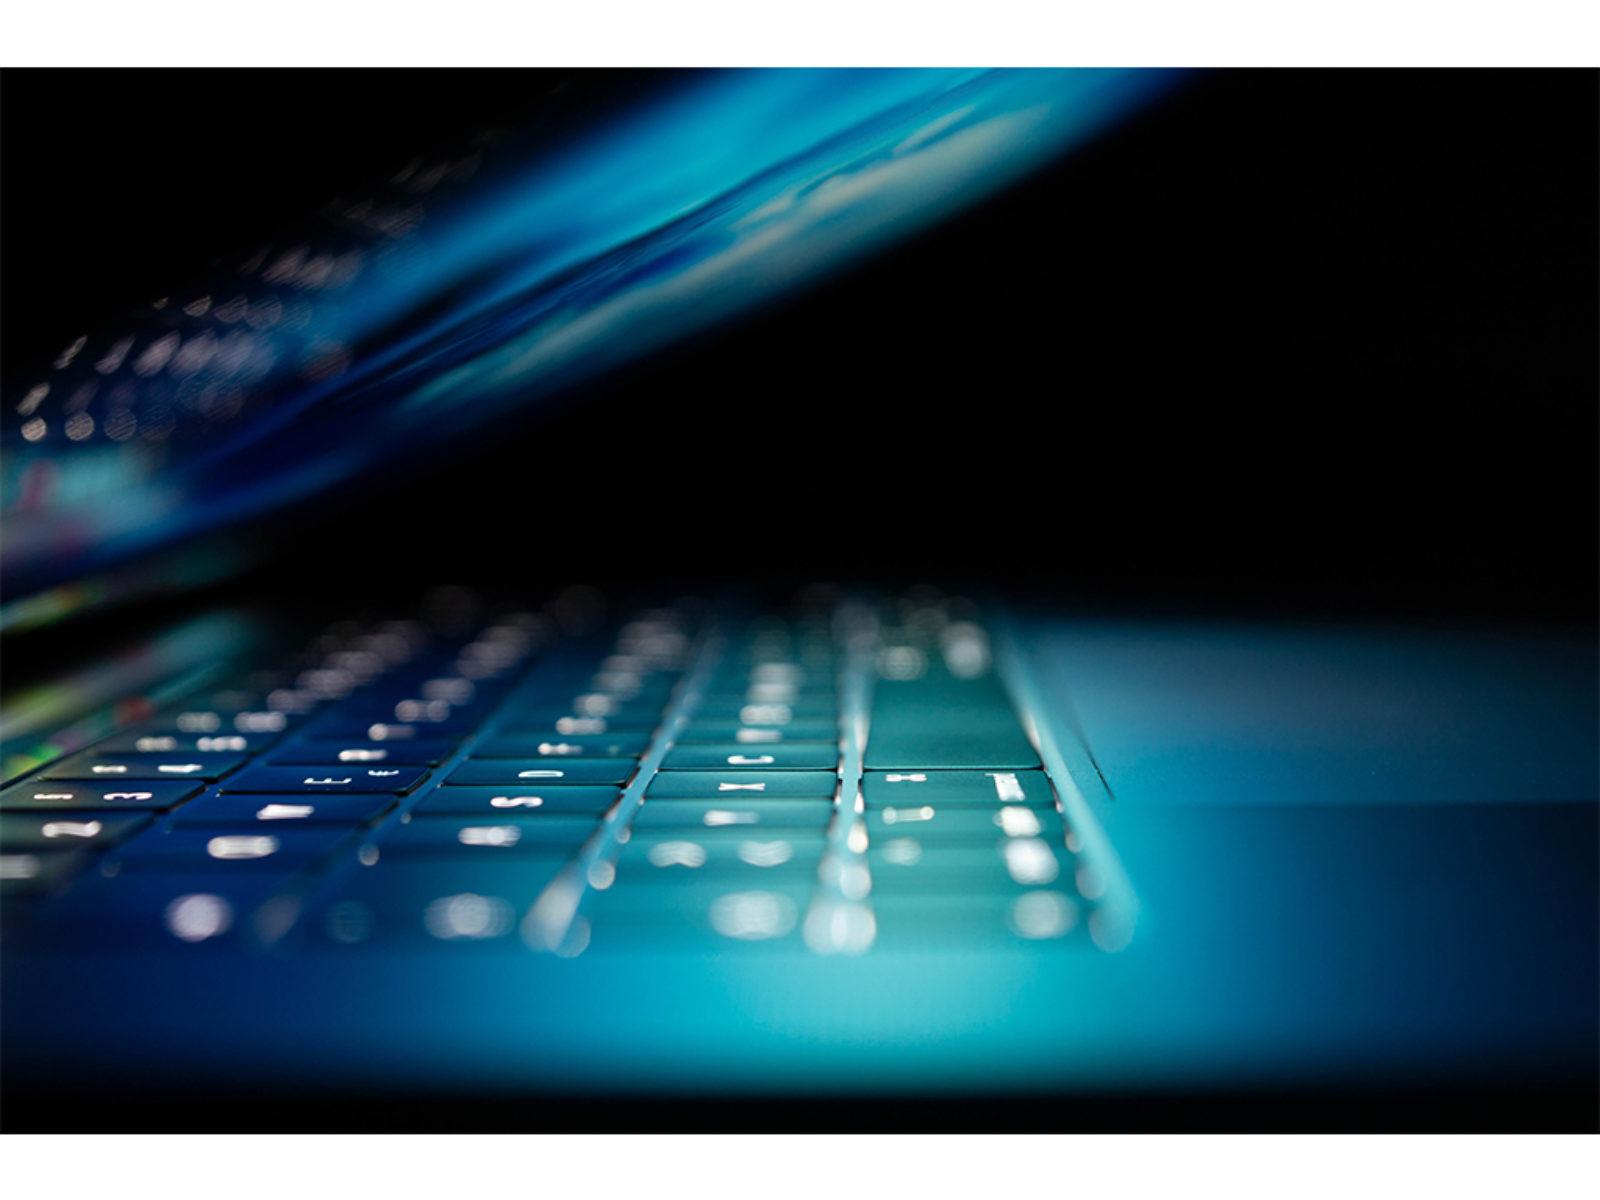 Cybersecurity computer website